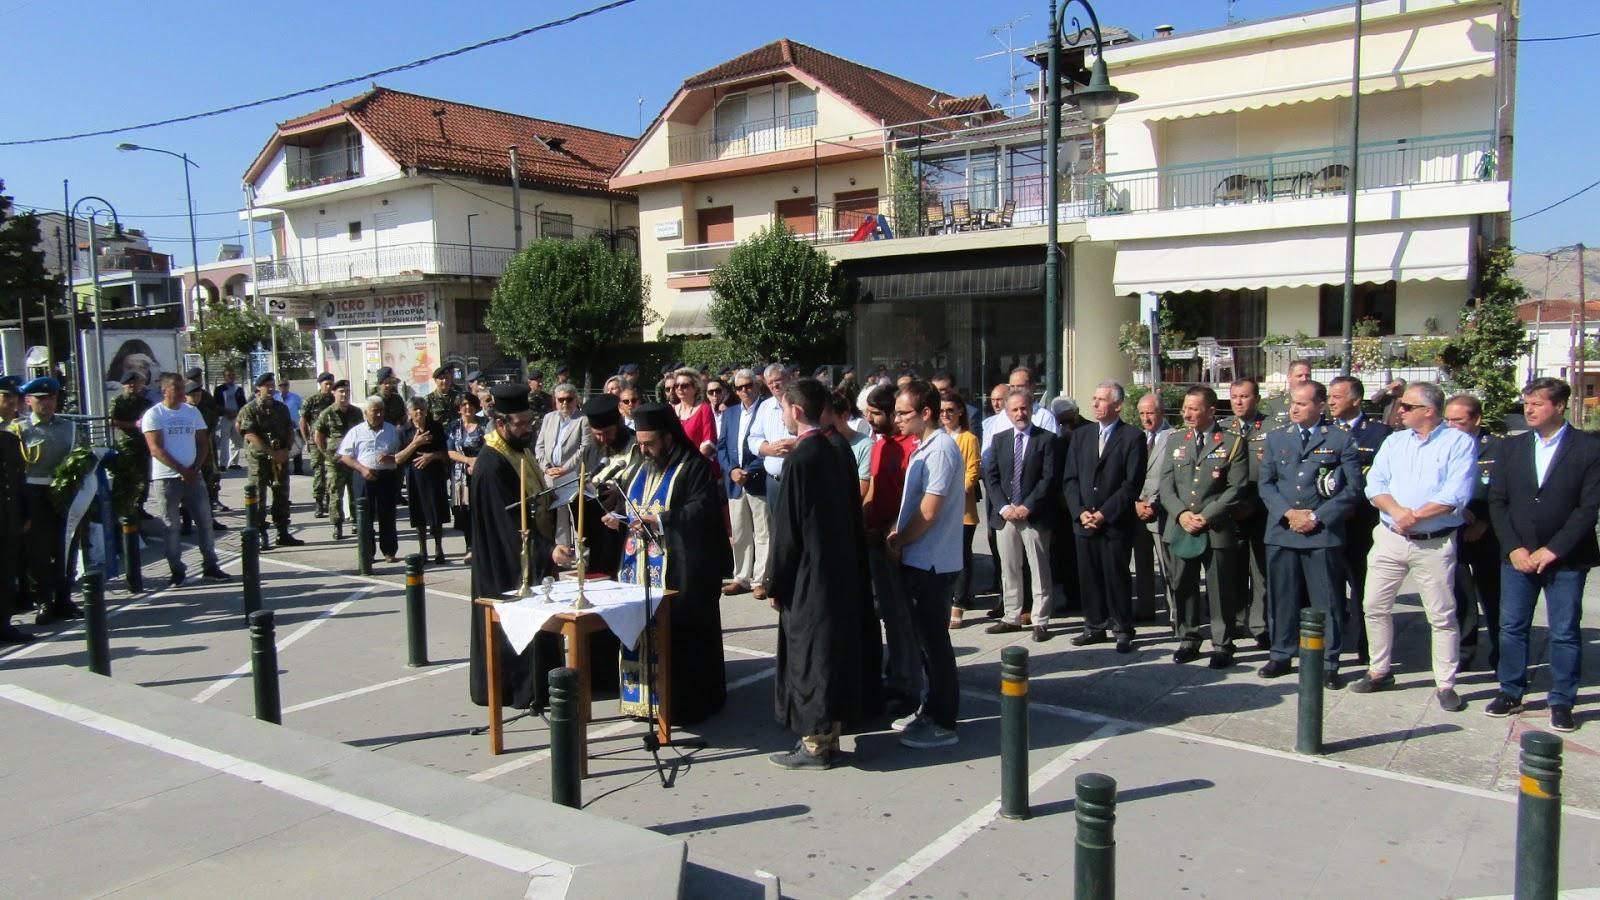 Ιωάννινα:Εκδηλώσεις στην Ανατολή για την Ημέρα Μνήμης της Γενοκτονίας